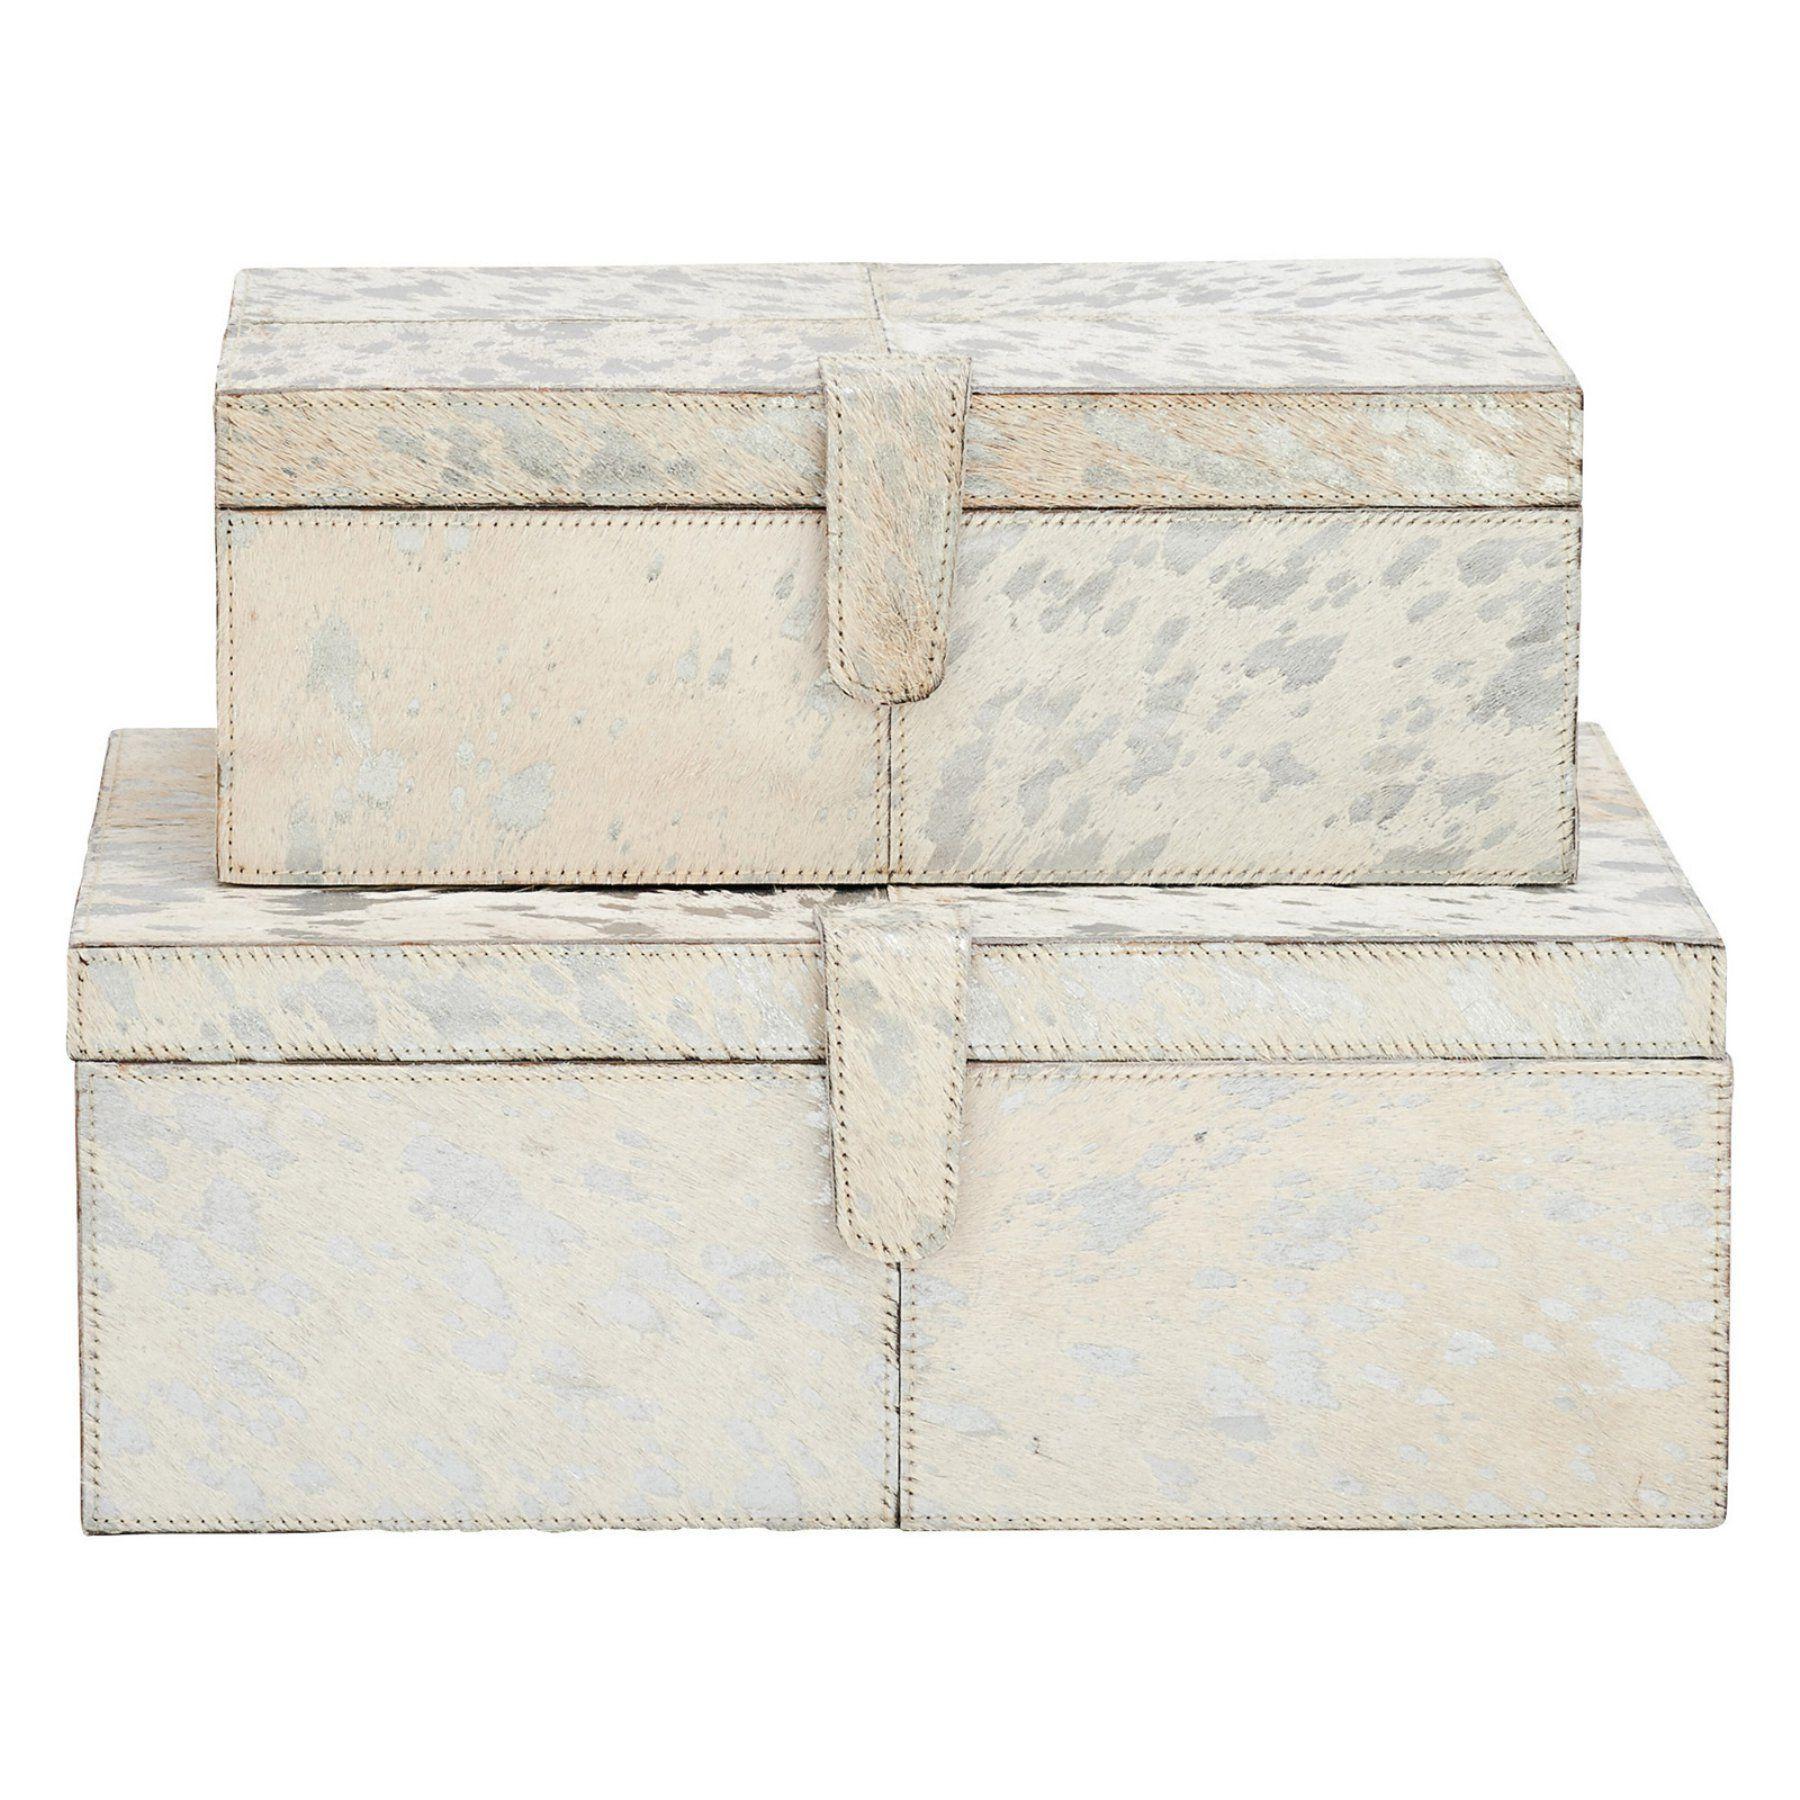 DecMode Rectangular Decorative Box - Set of 2 - 95030